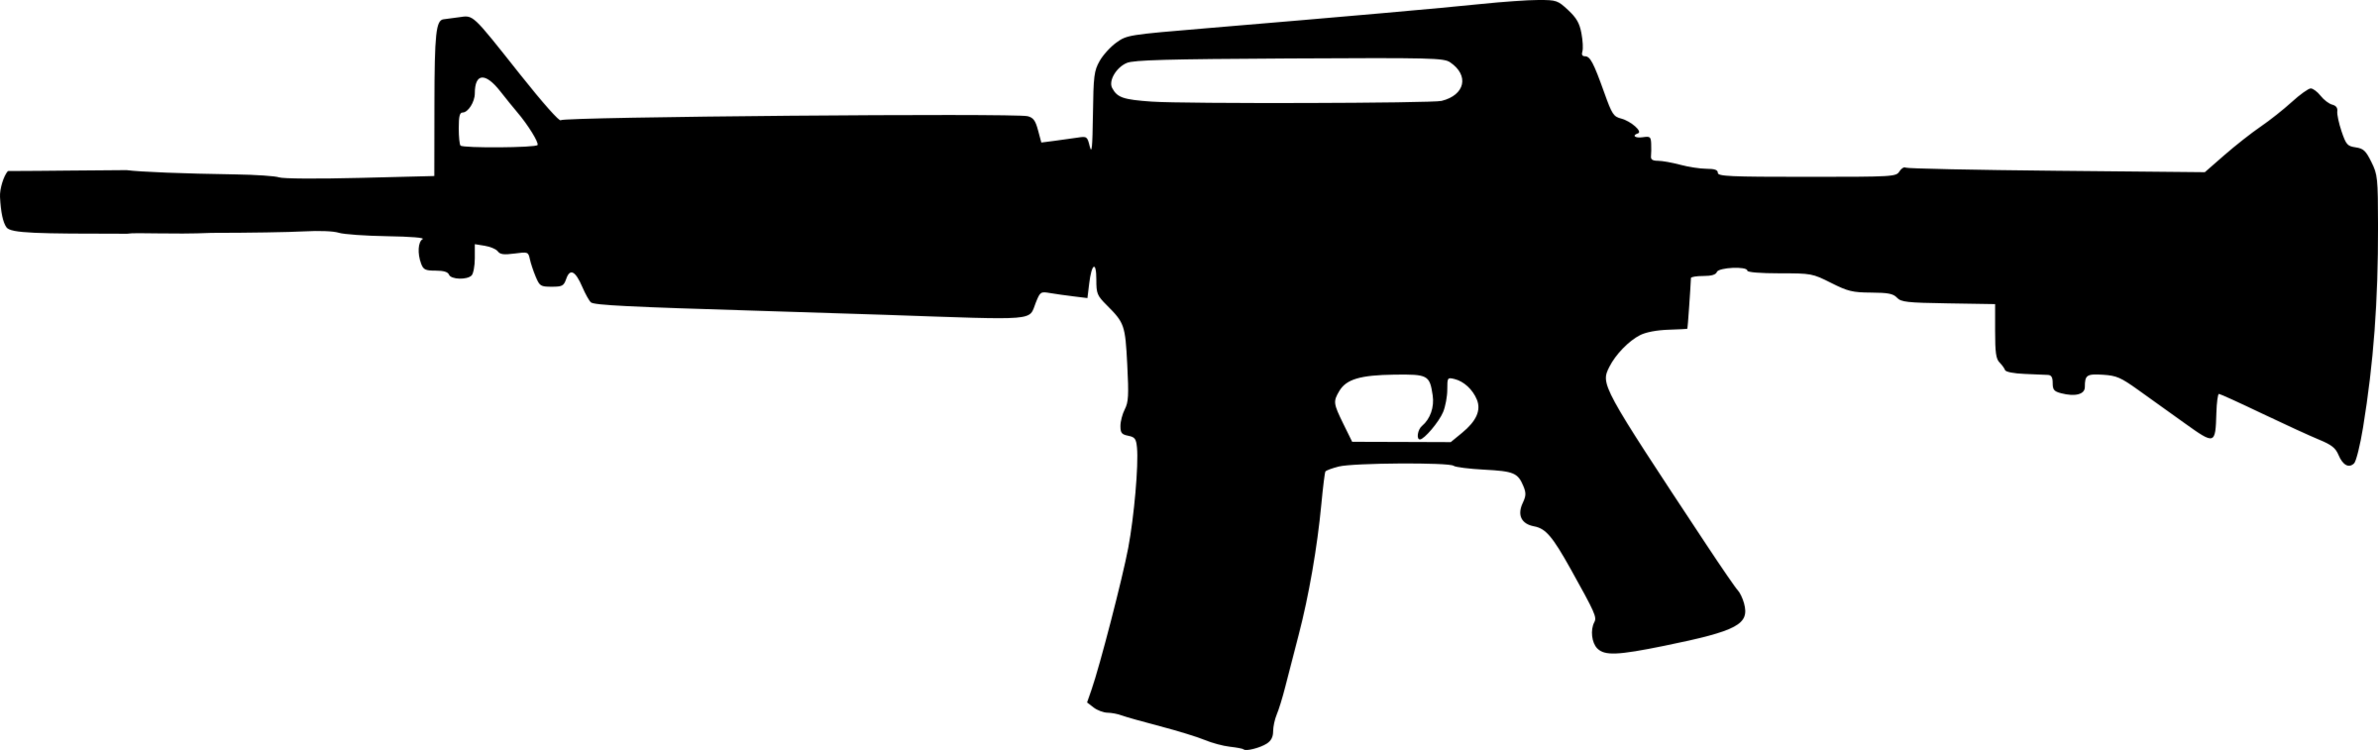 M4 Vector